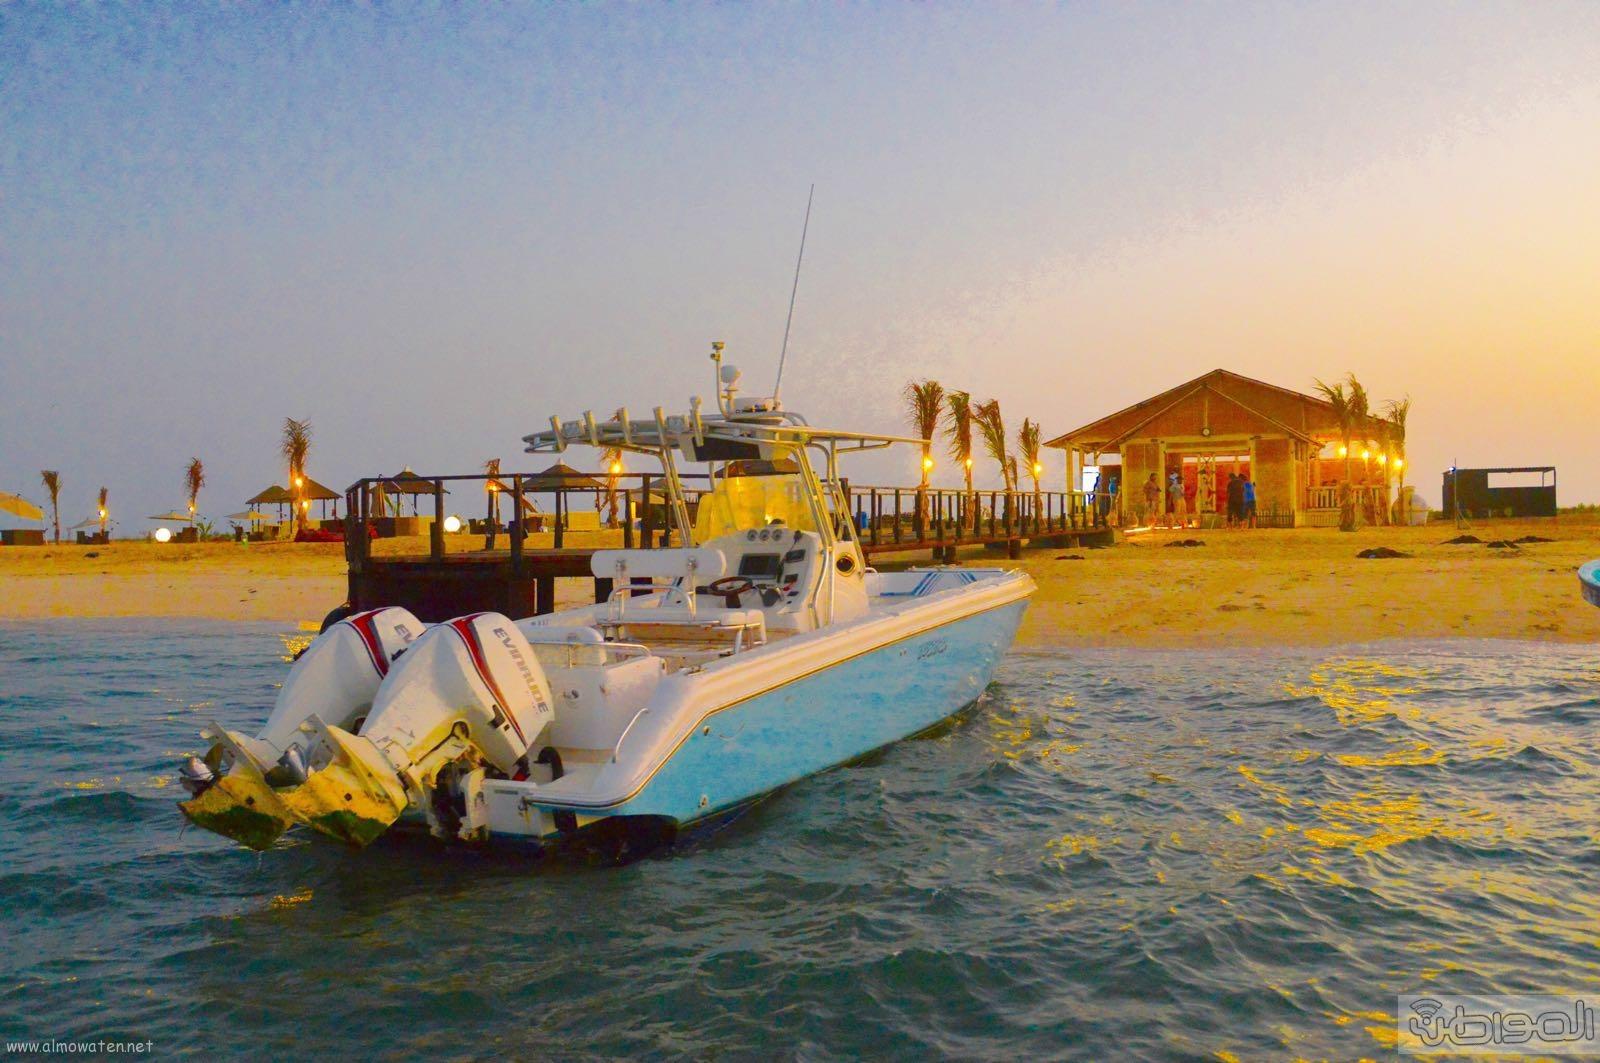 اول جزيرة يتم تهيئتها للسياحة بالمملكة (17)